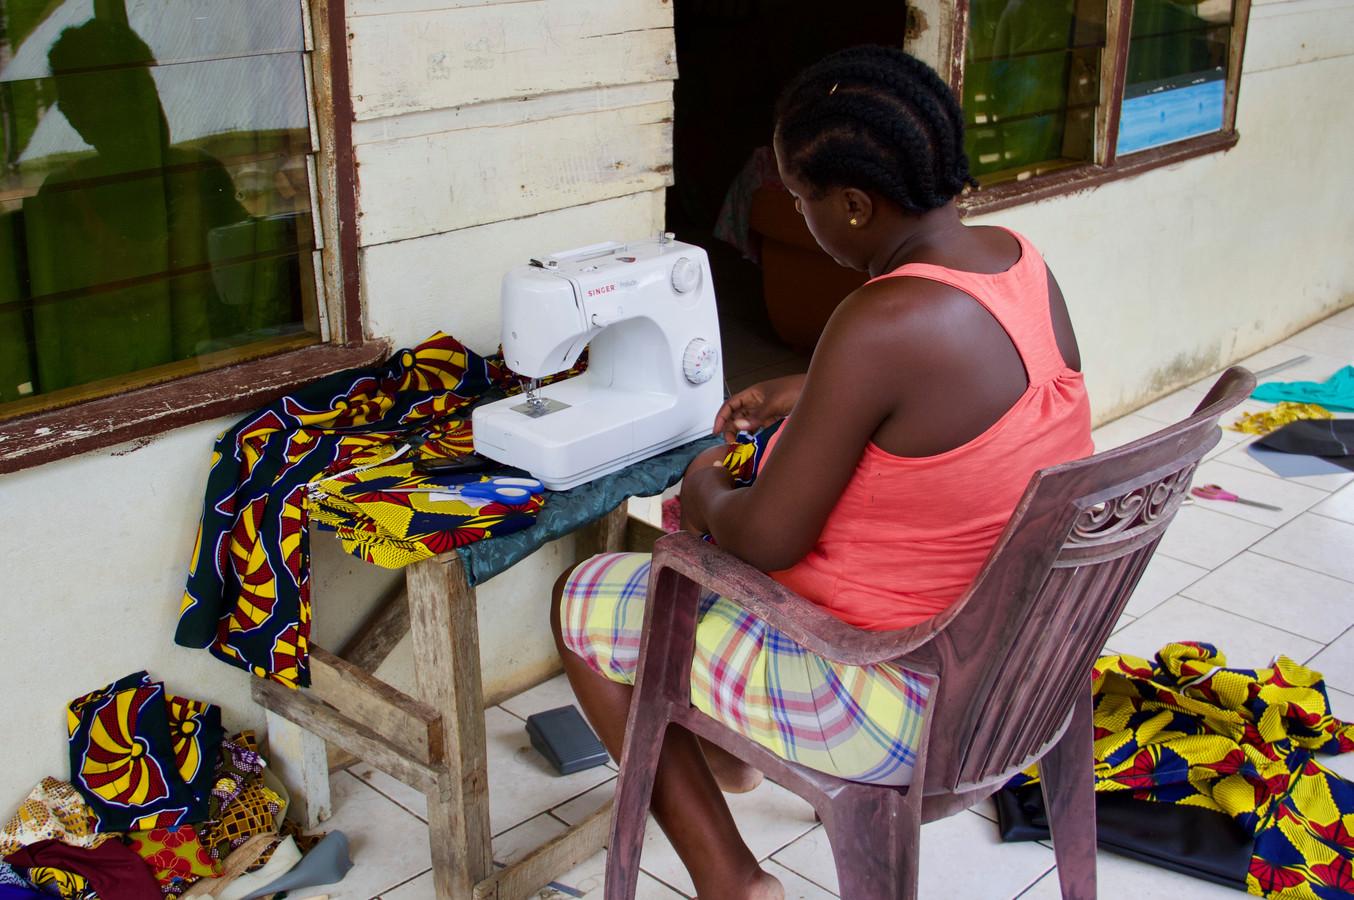 Stof met vrolijke print wordt bewerkt door een van de vrouwen